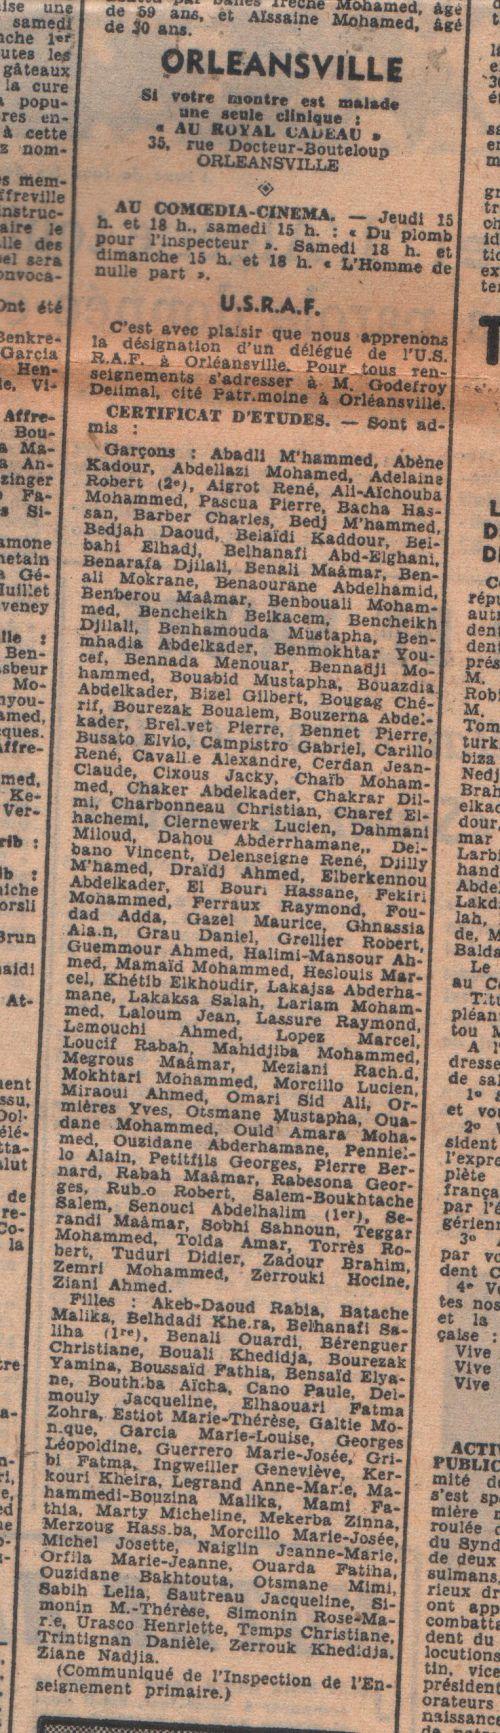 Orleansville-Certificat d'études - sont admis- Journal l'Echo d'Alger du 28/05/1958